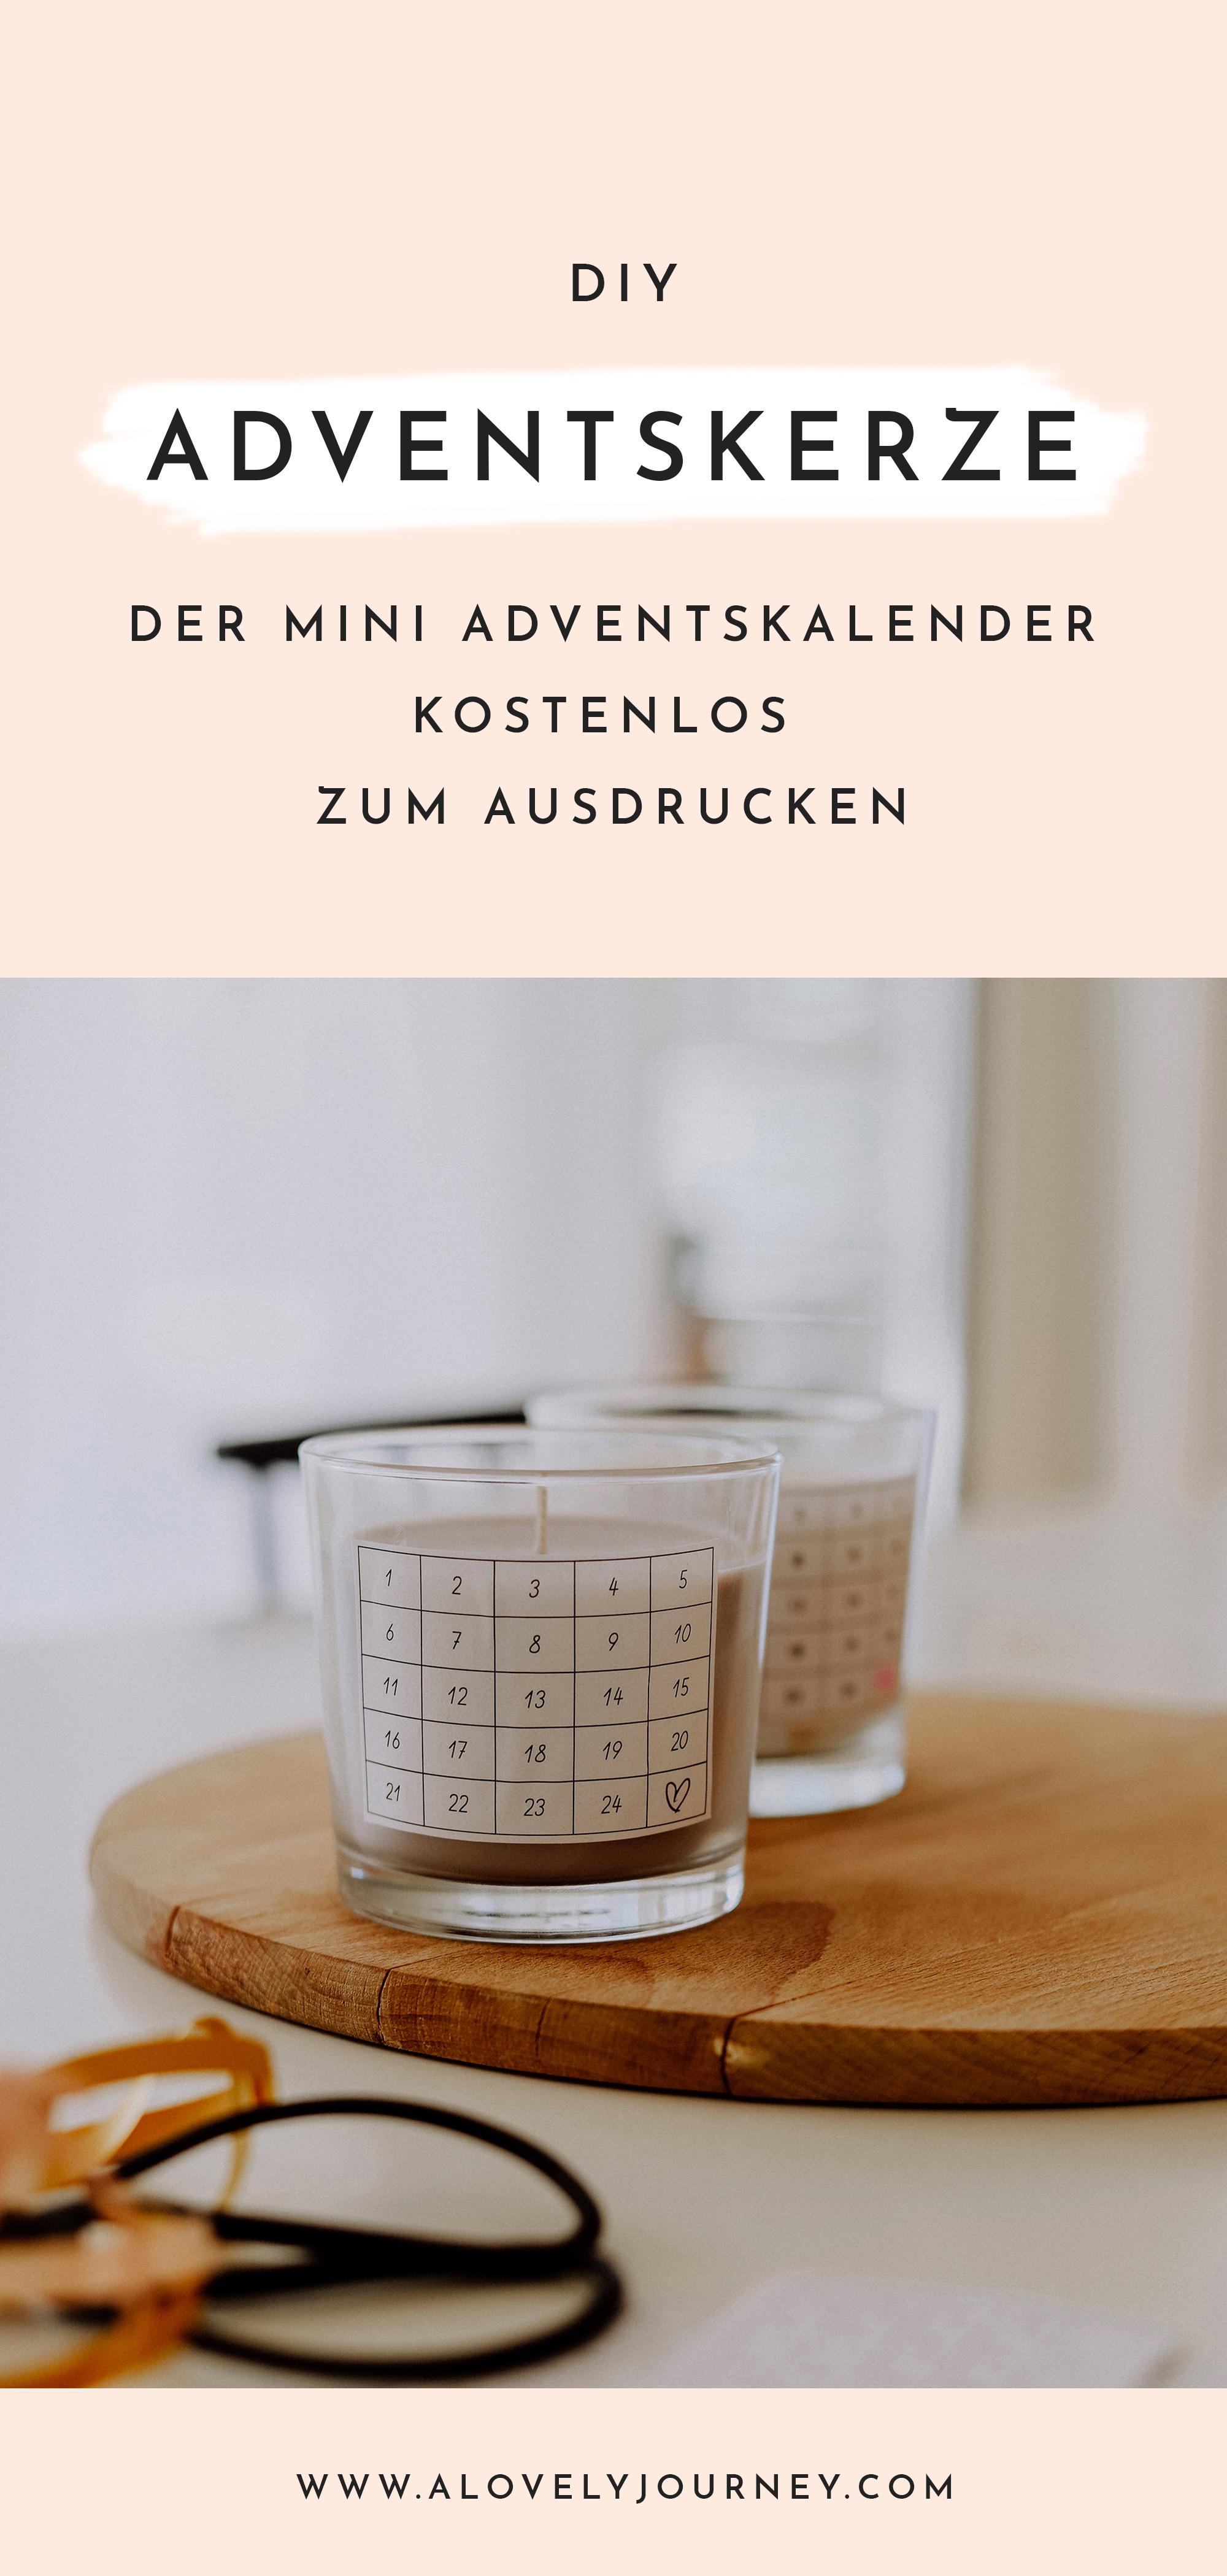 DIY Adventskerze - Der kostenlose Mini Adventskalender zum Ausdrucken